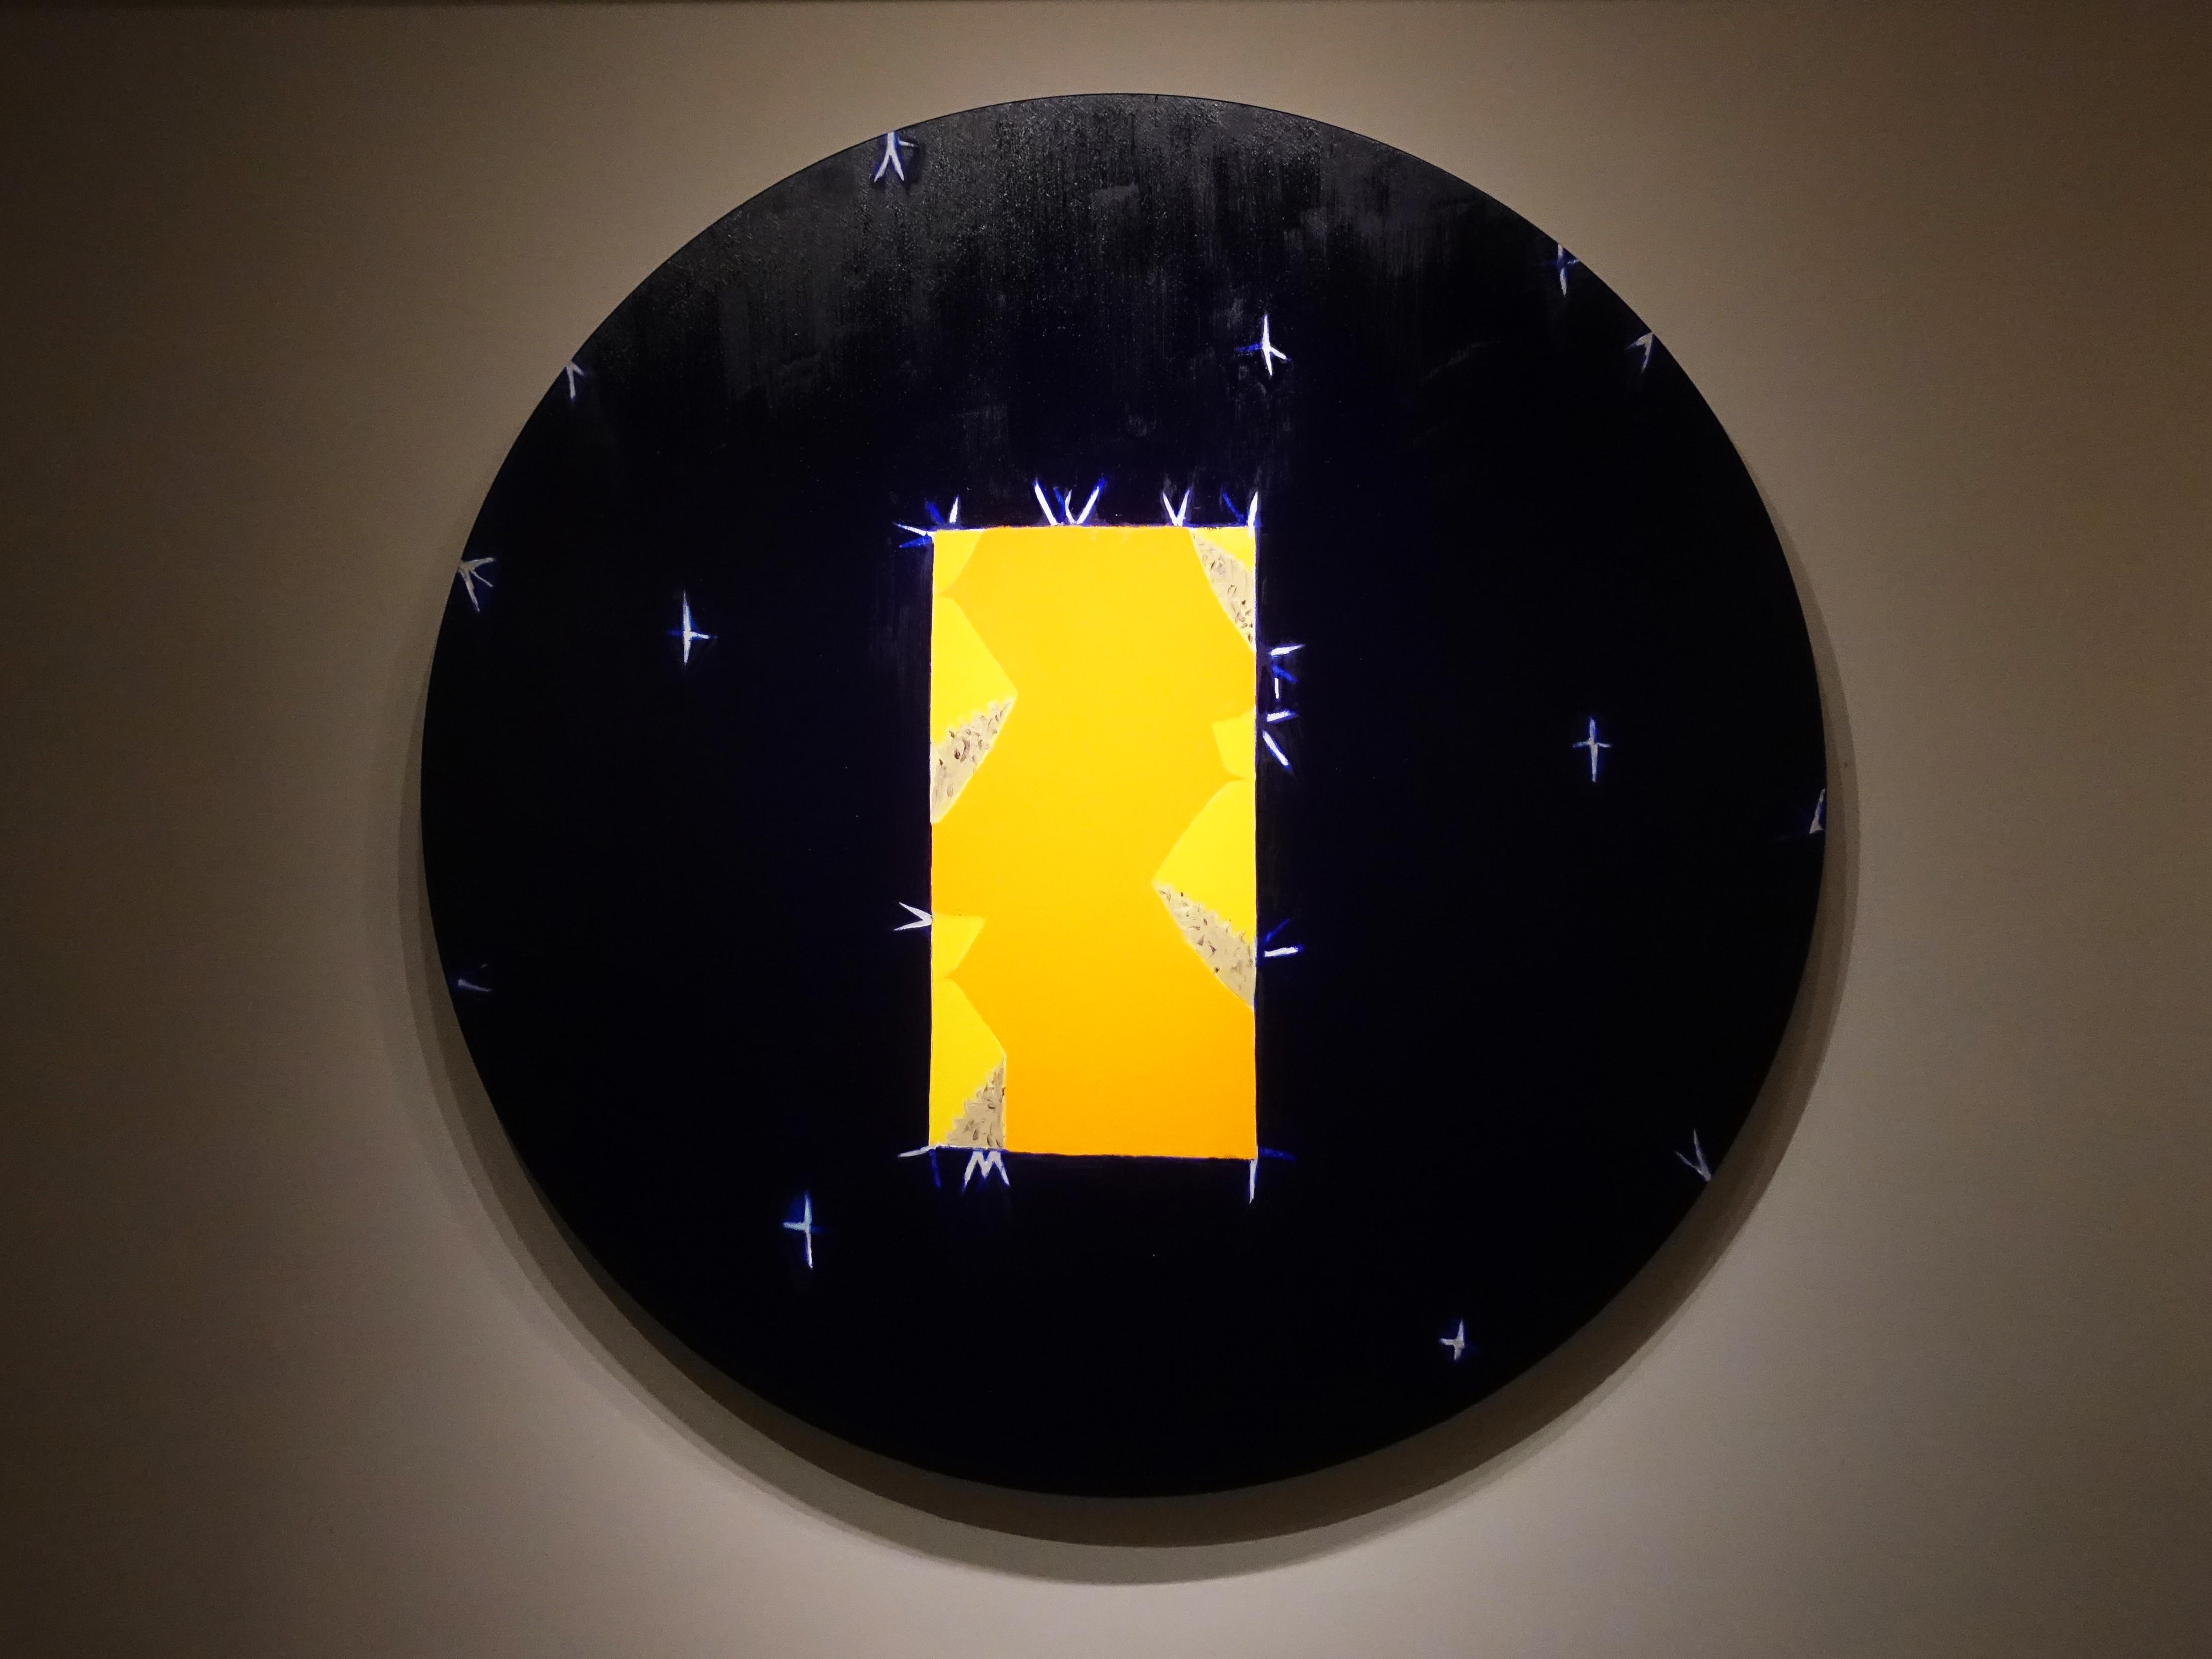 劉永仁,《時空的機遇》,直徑160cm,油彩、畫布,2019。